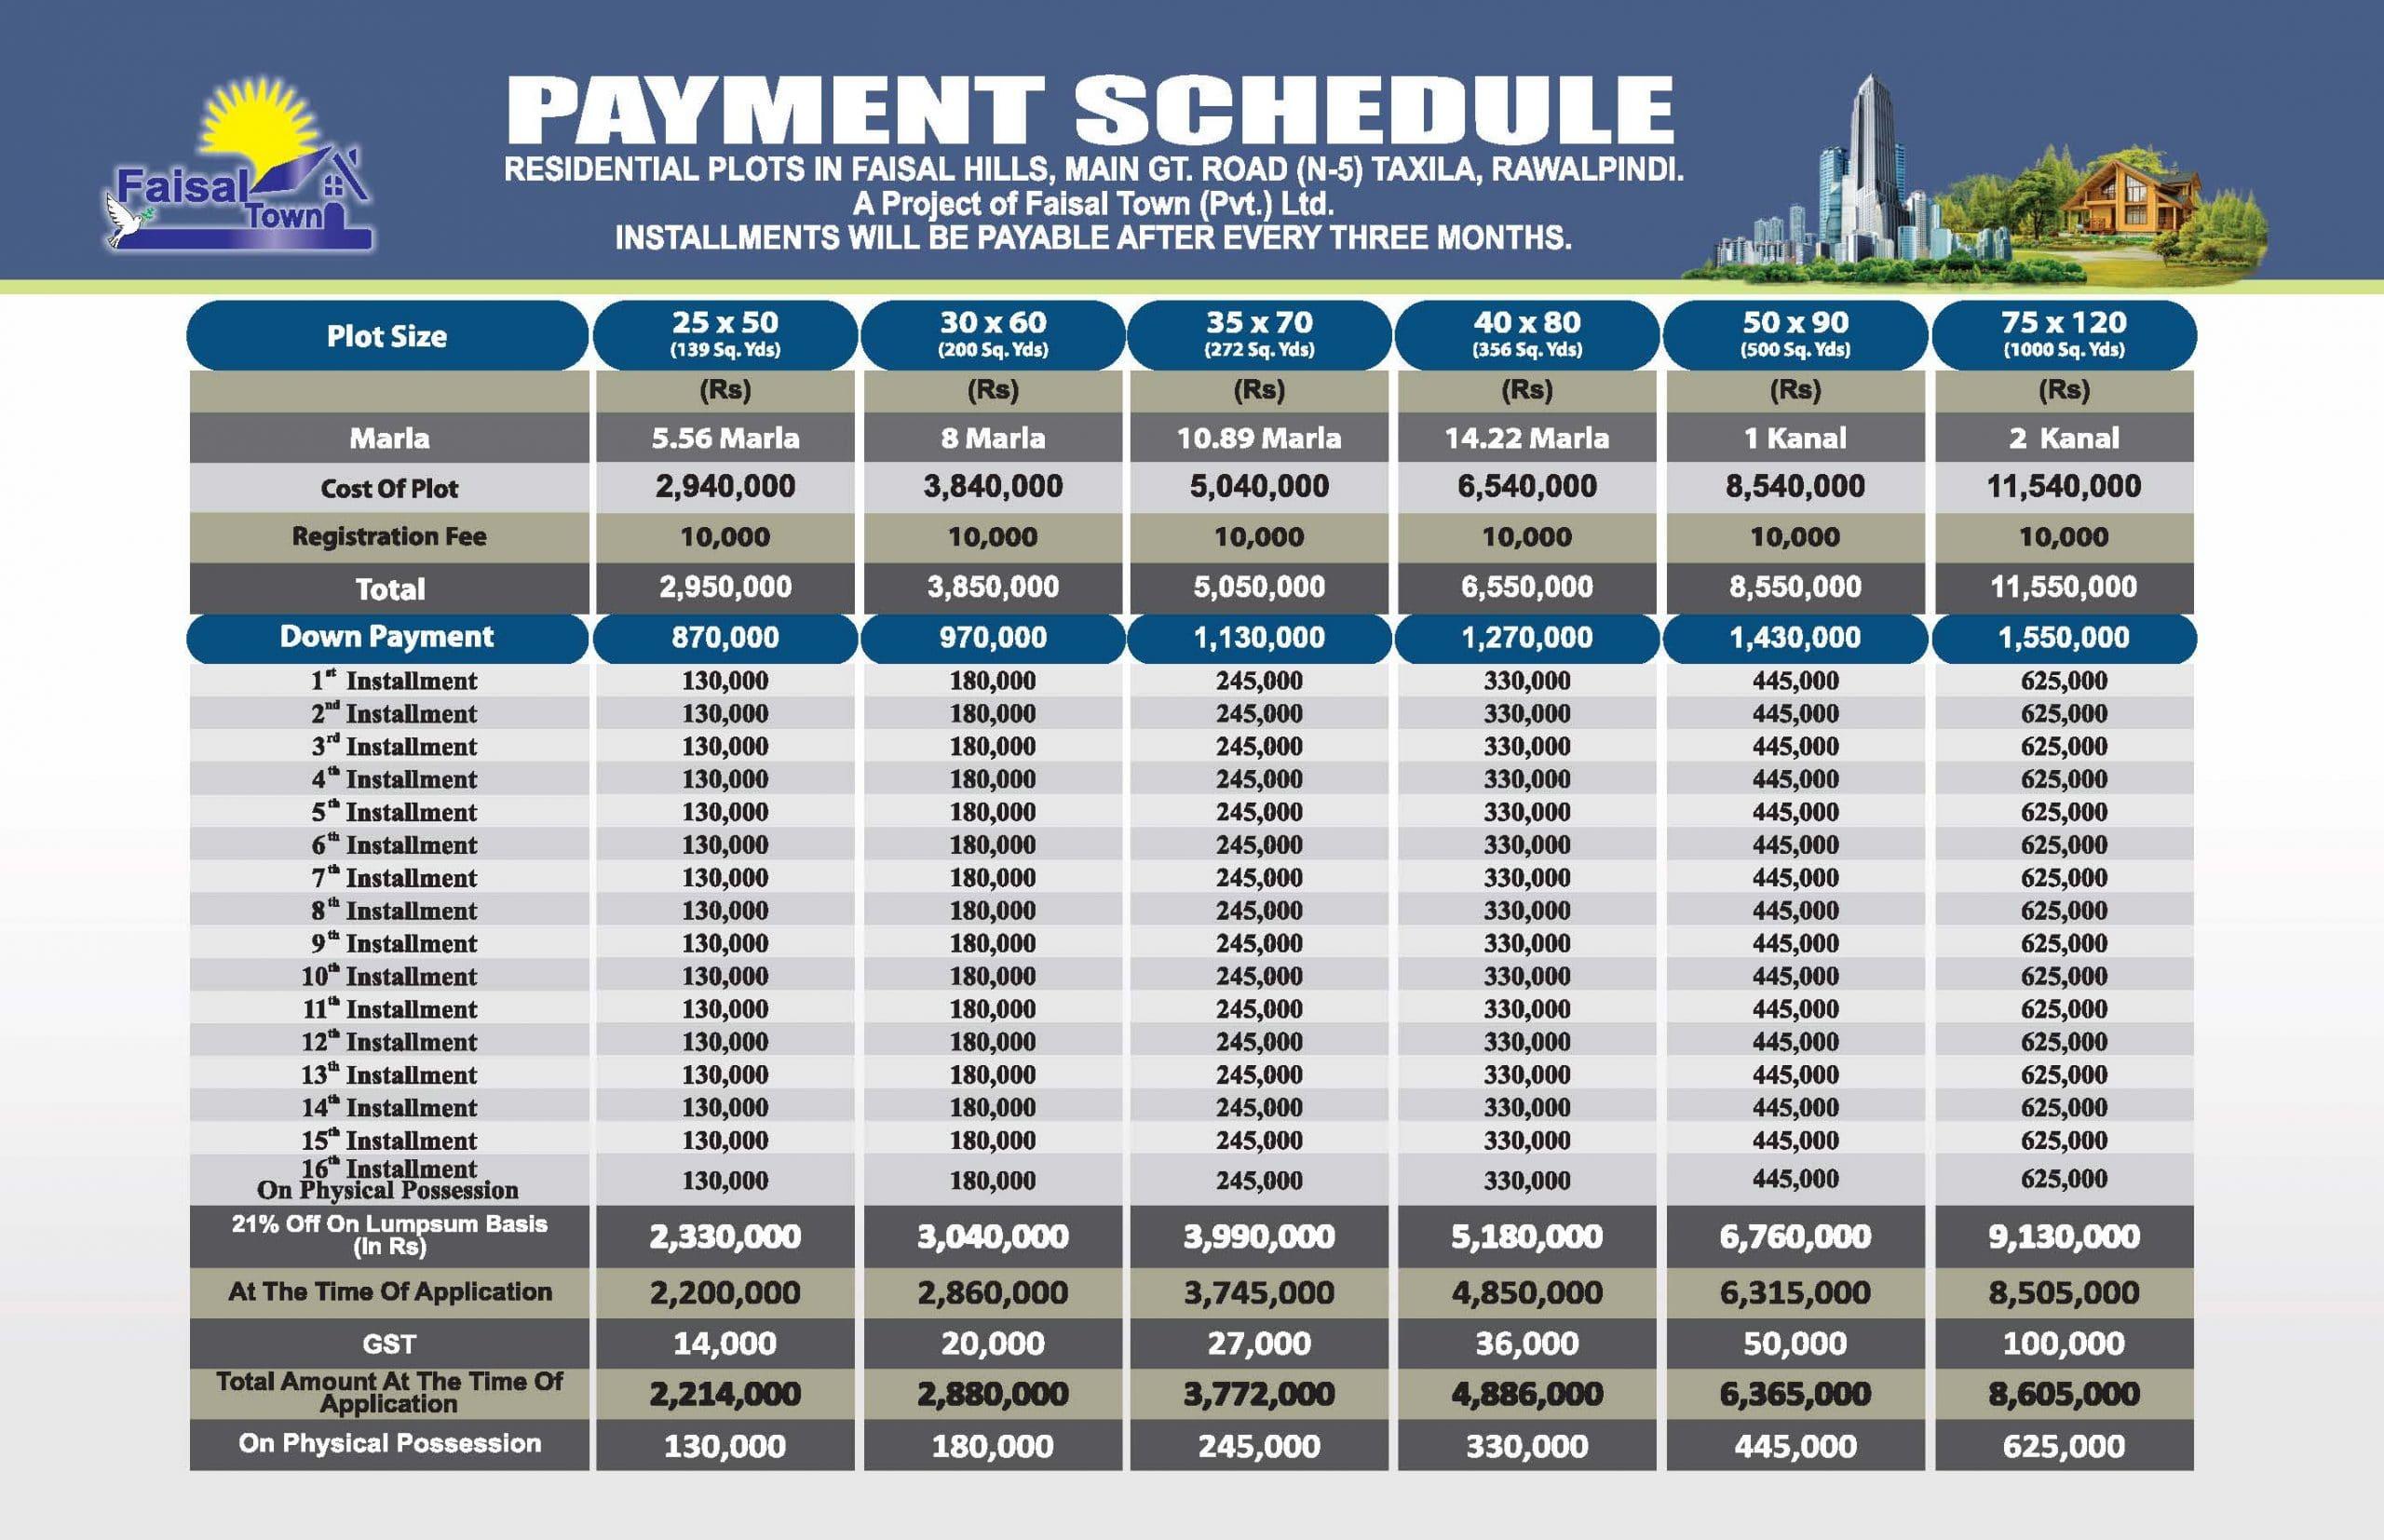 Faisal Hills price schedule 3